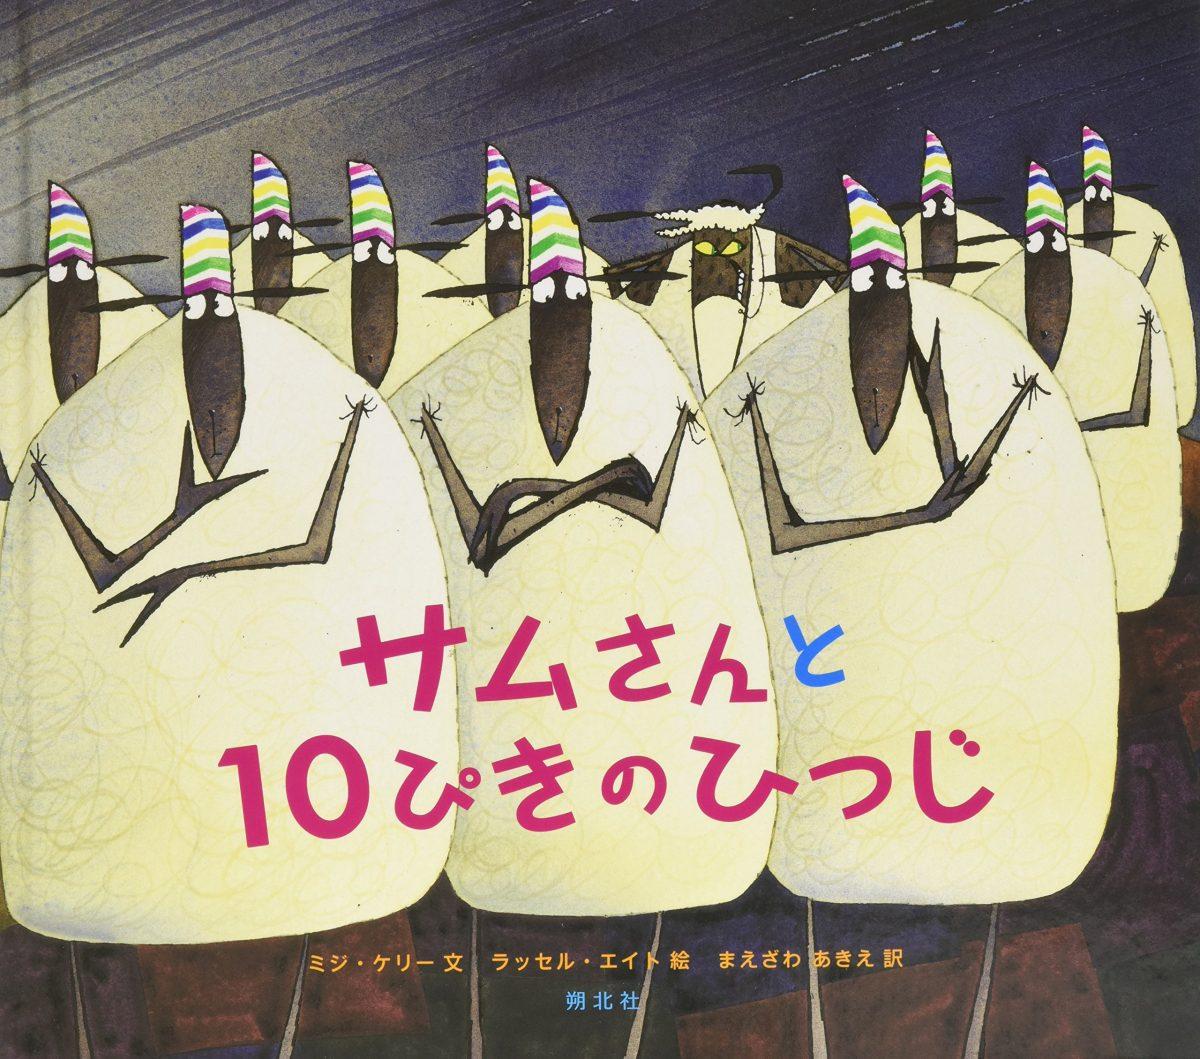 絵本「サムさんと10ぴきのひつじ」の表紙